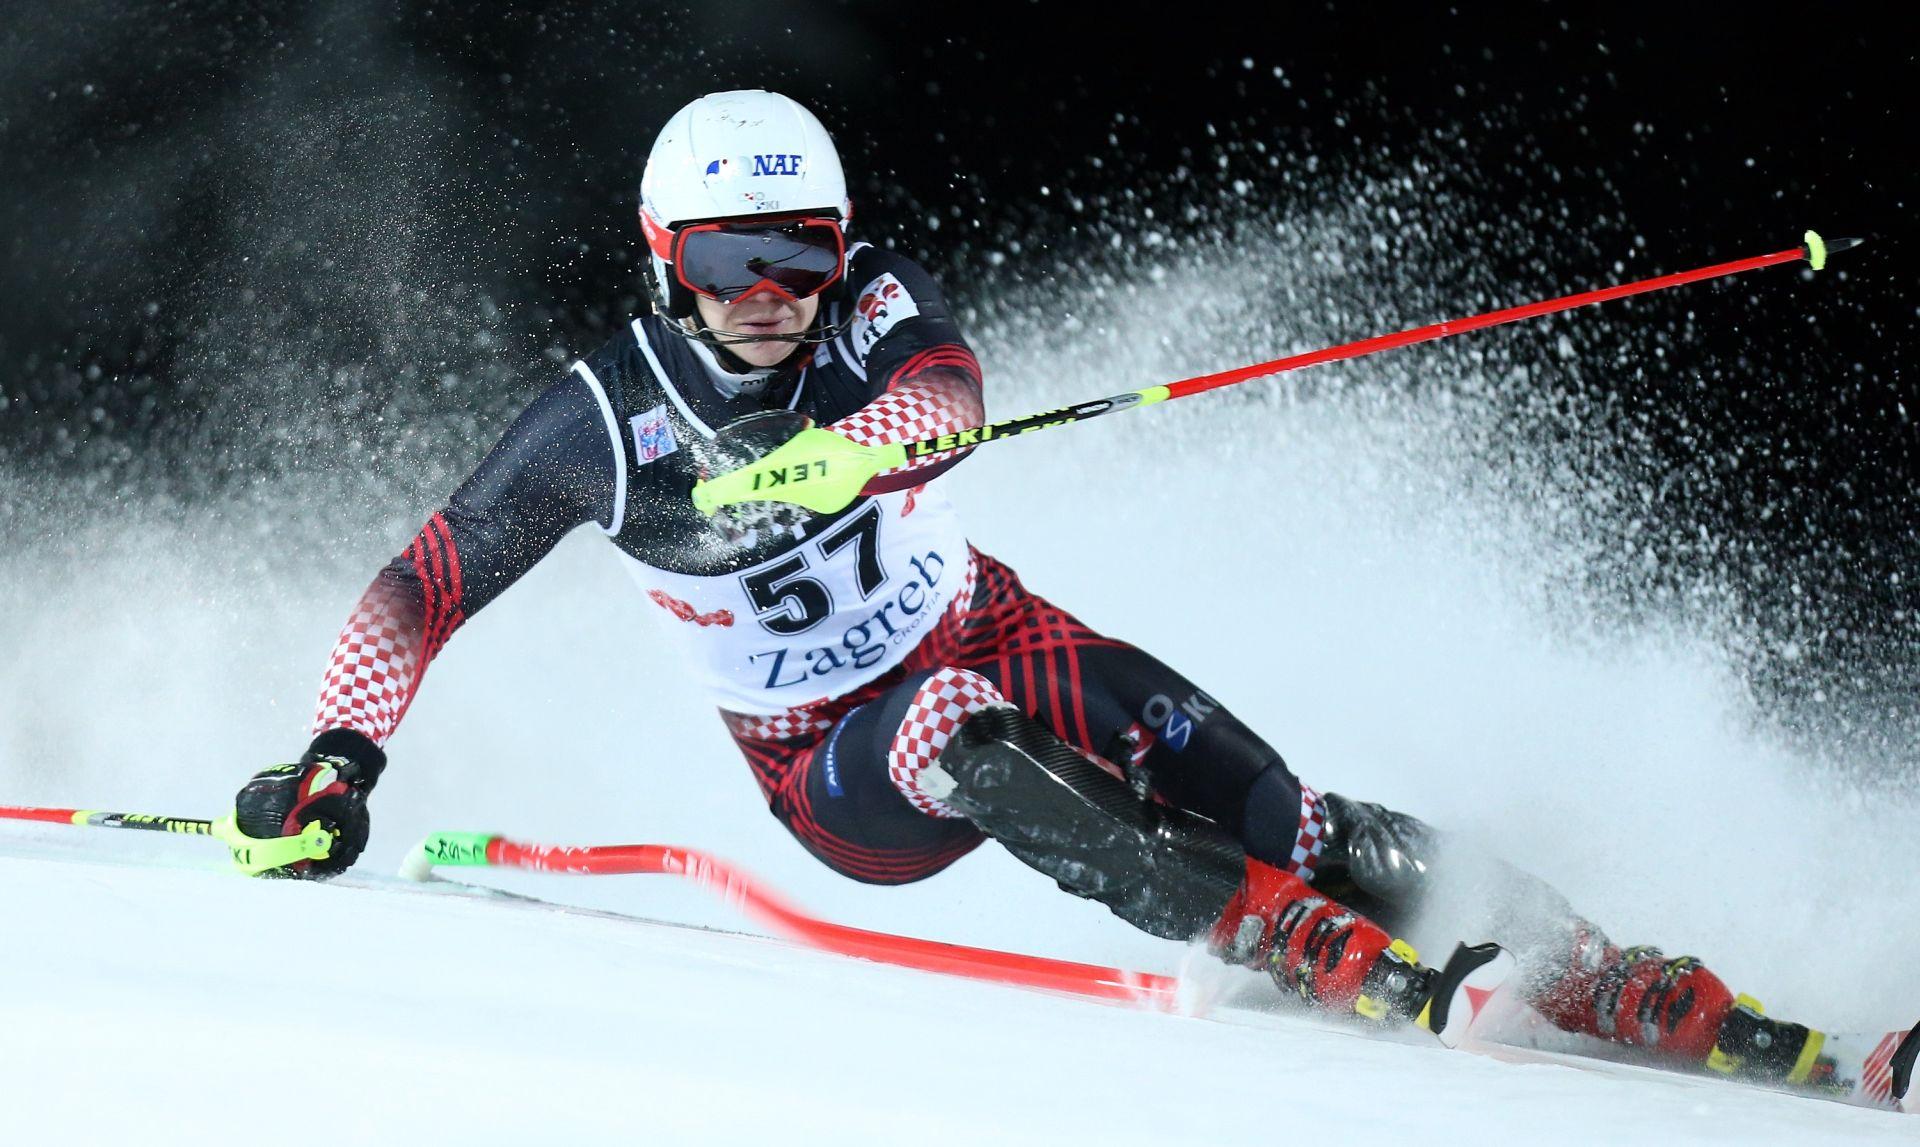 Zubčić i Komšić proglašeni najboljim skijašima u ovoj sezoni